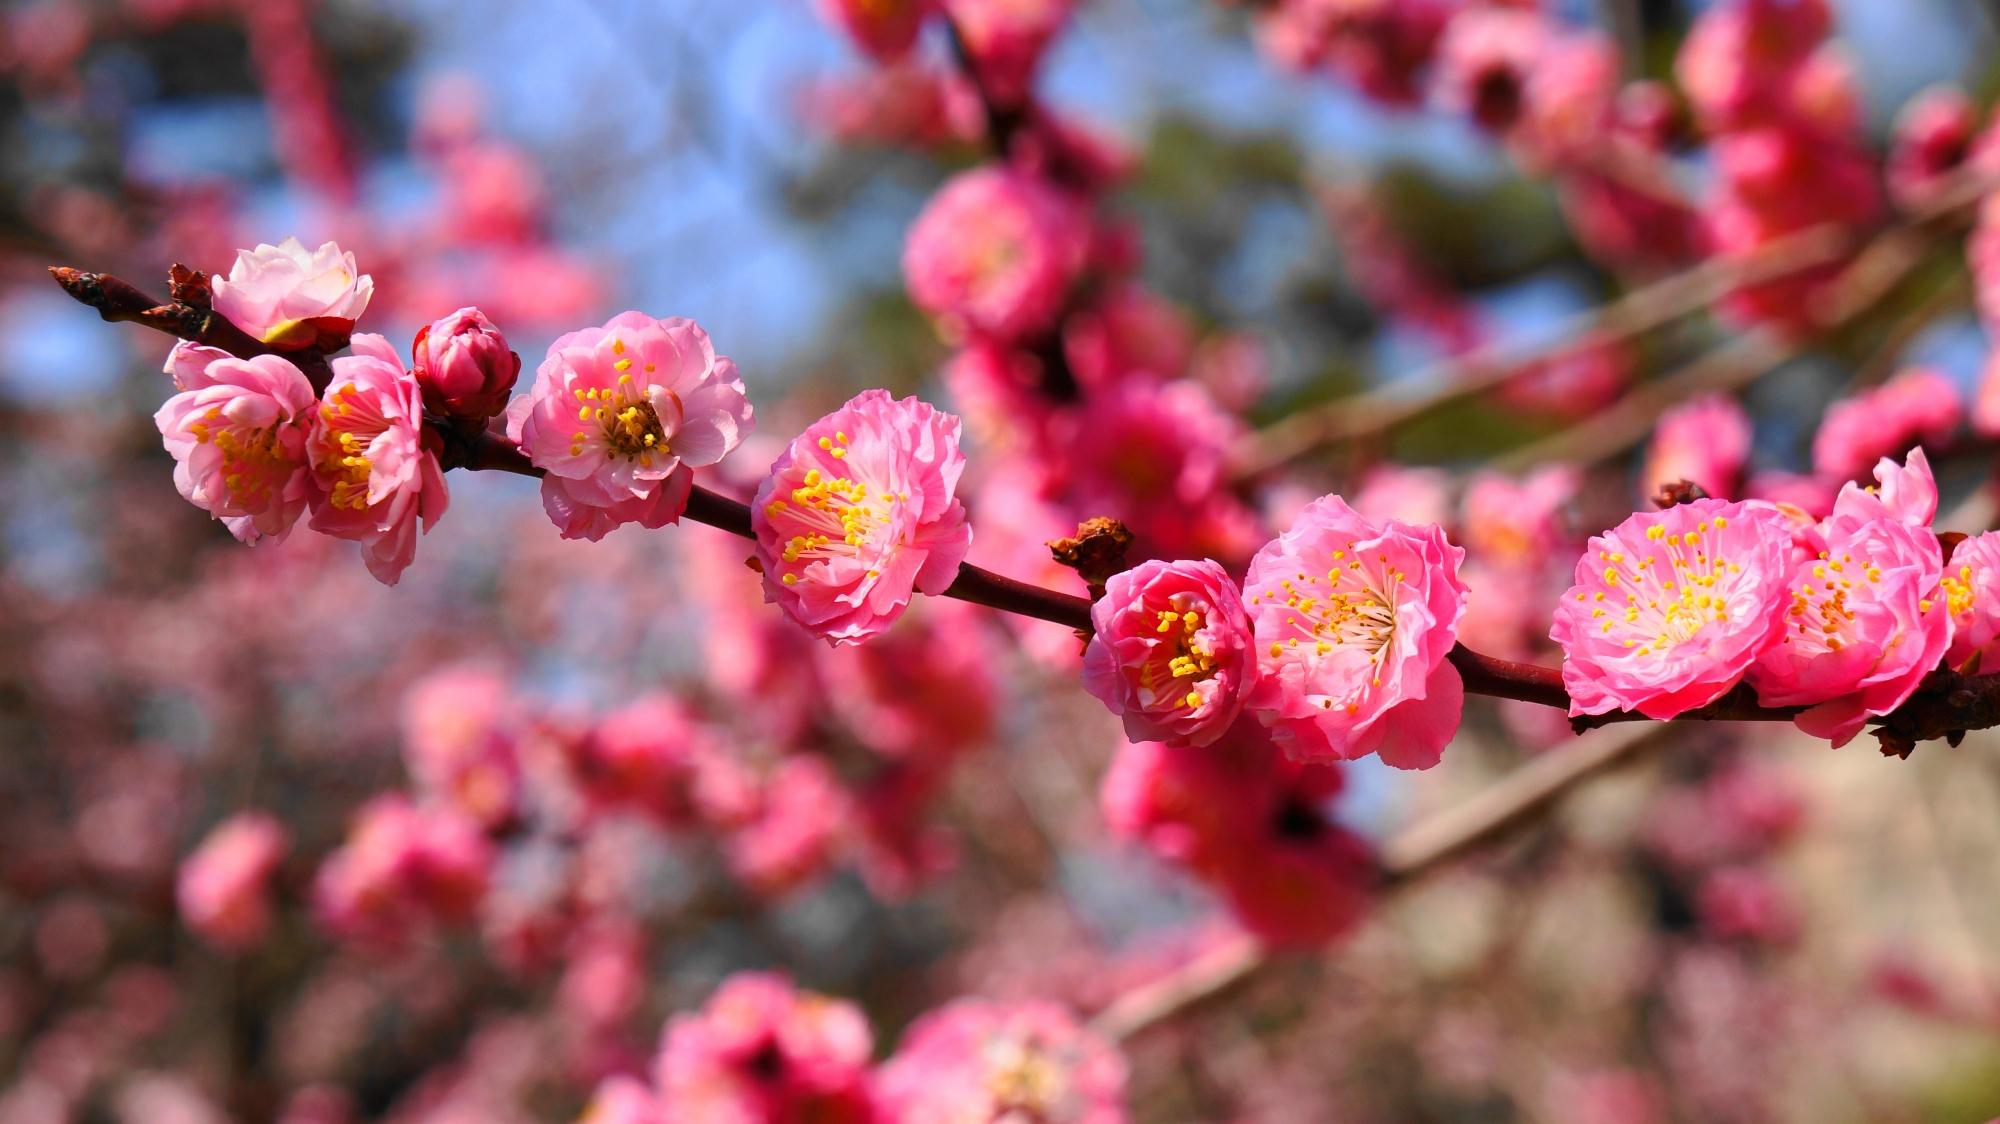 枝に綺麗に整列した可愛い梅の花